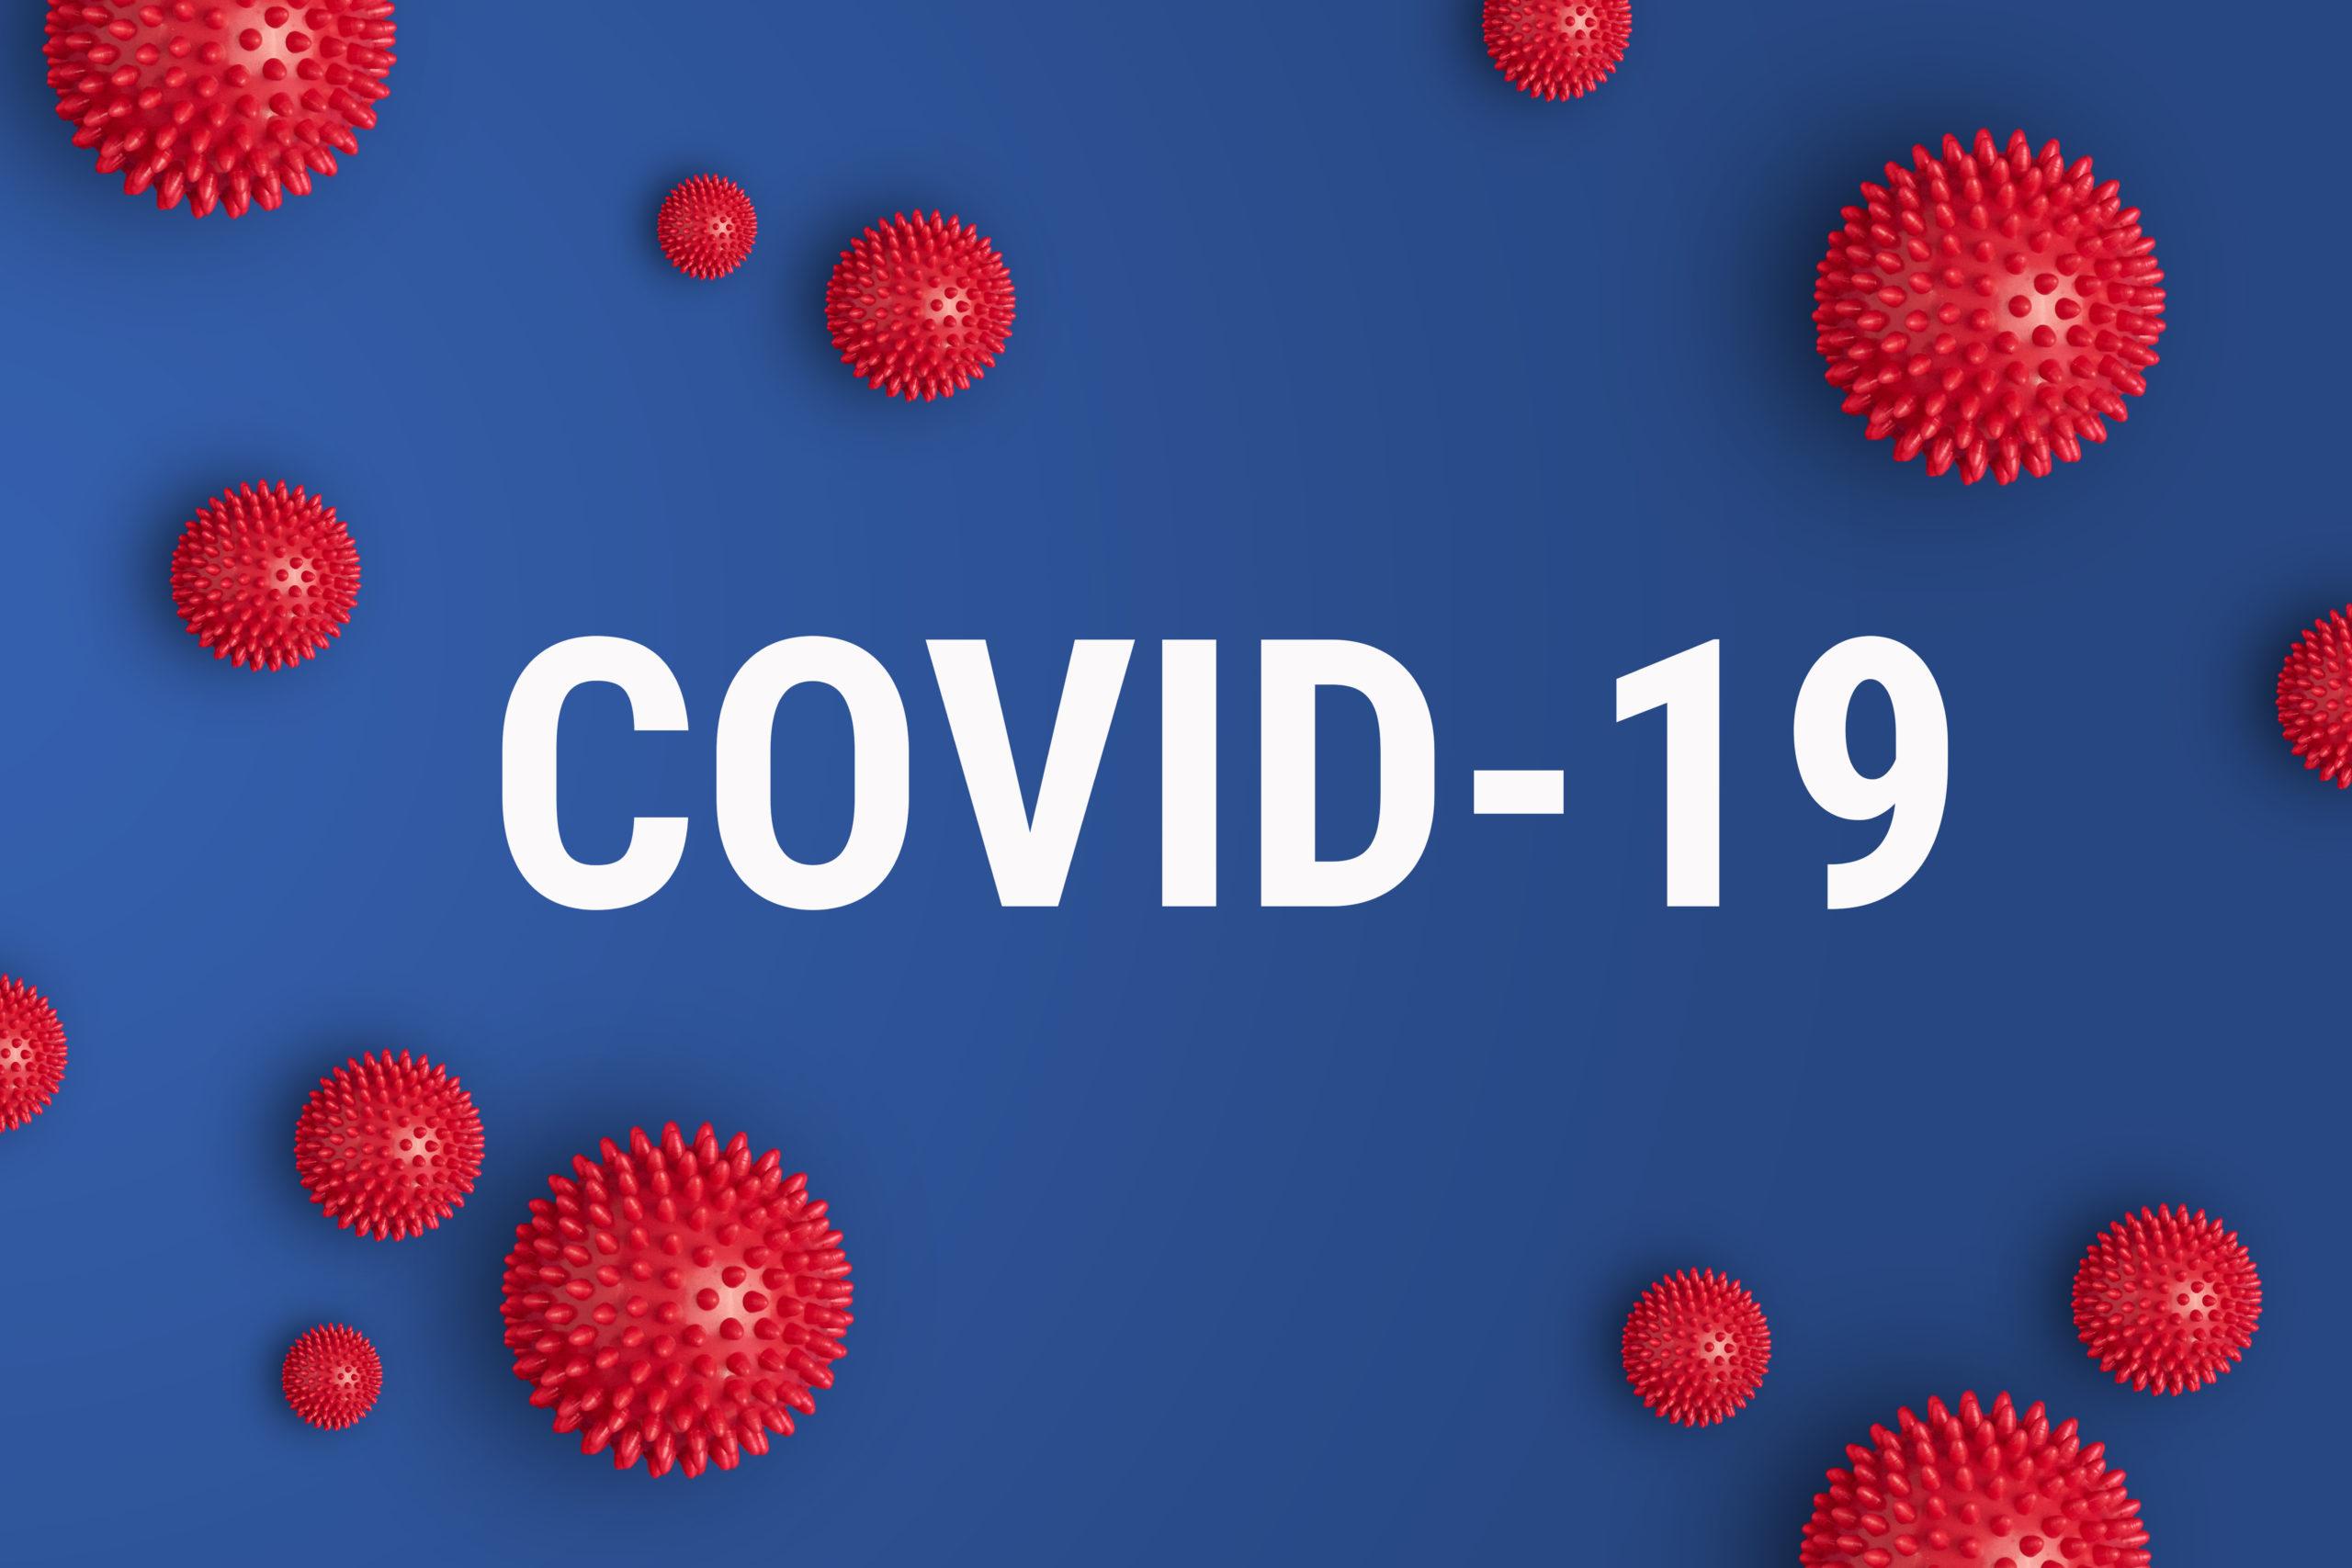 Coronavirus Safety Alert